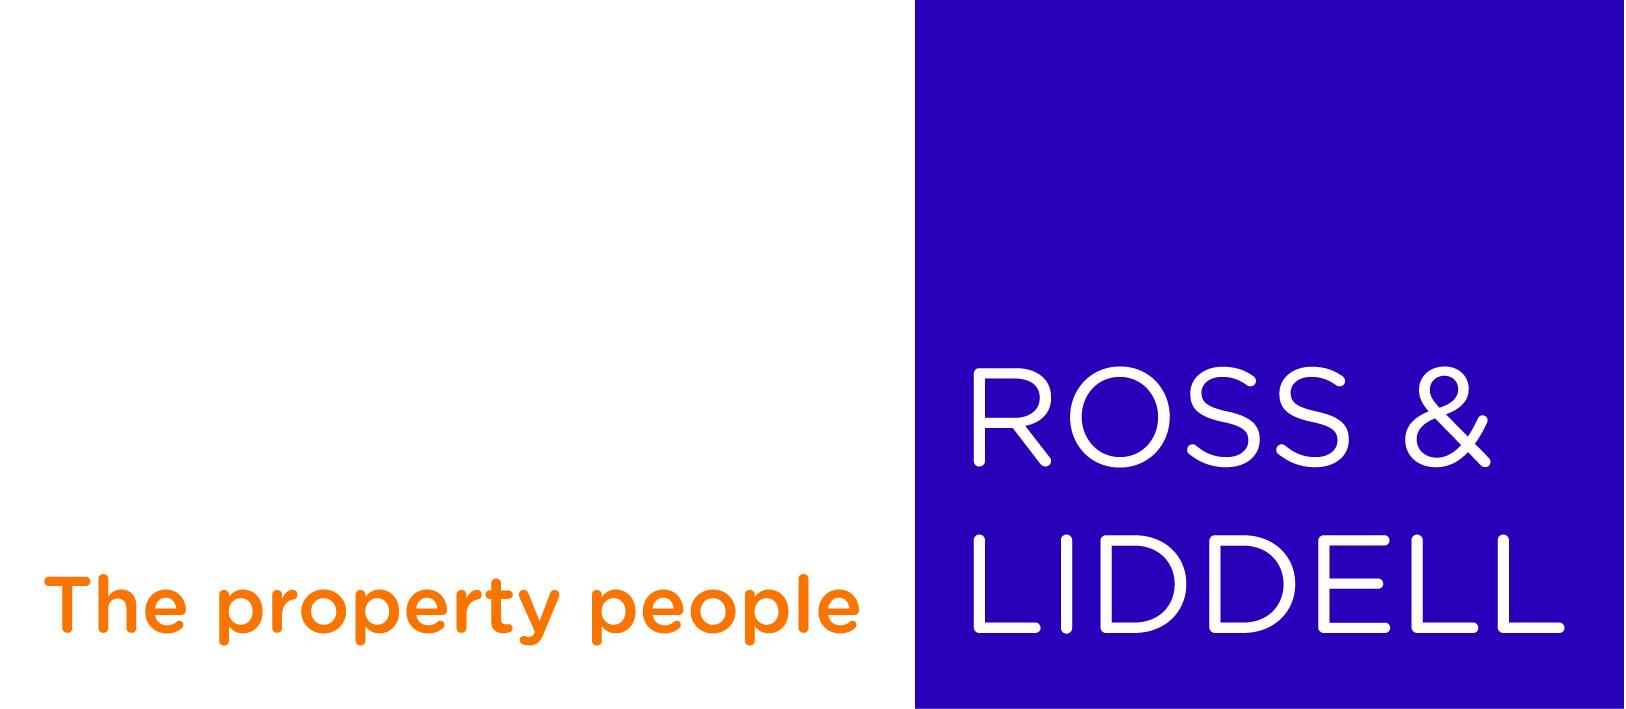 Ross_and_Liddell_Master_Logo_with_Strapline_Left.jpg